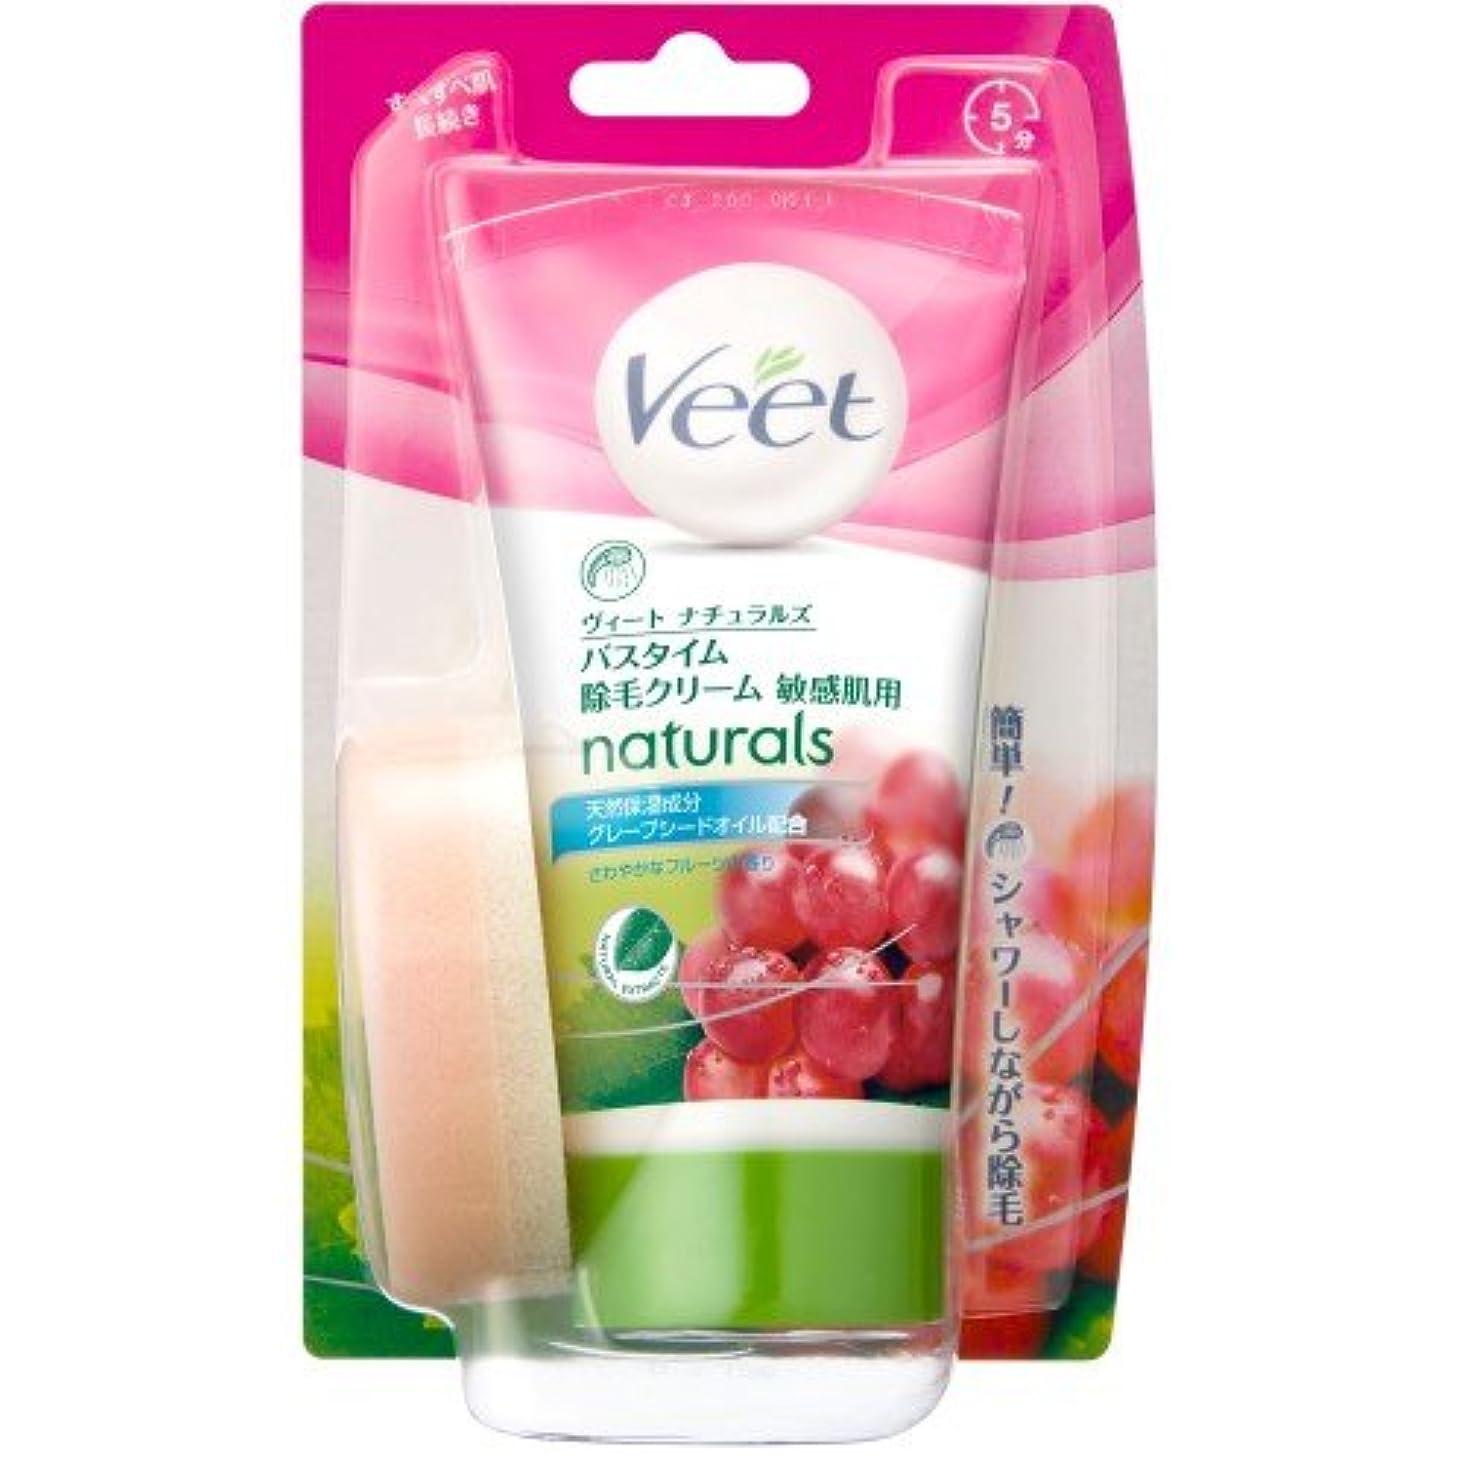 彼らのほとんどないスポークスマンヴィート バスタイムセン用 除毛クリーム 敏感肌用 150g (Veet Naturals In Shower Hair Removal Cream  Sensitive 150g)